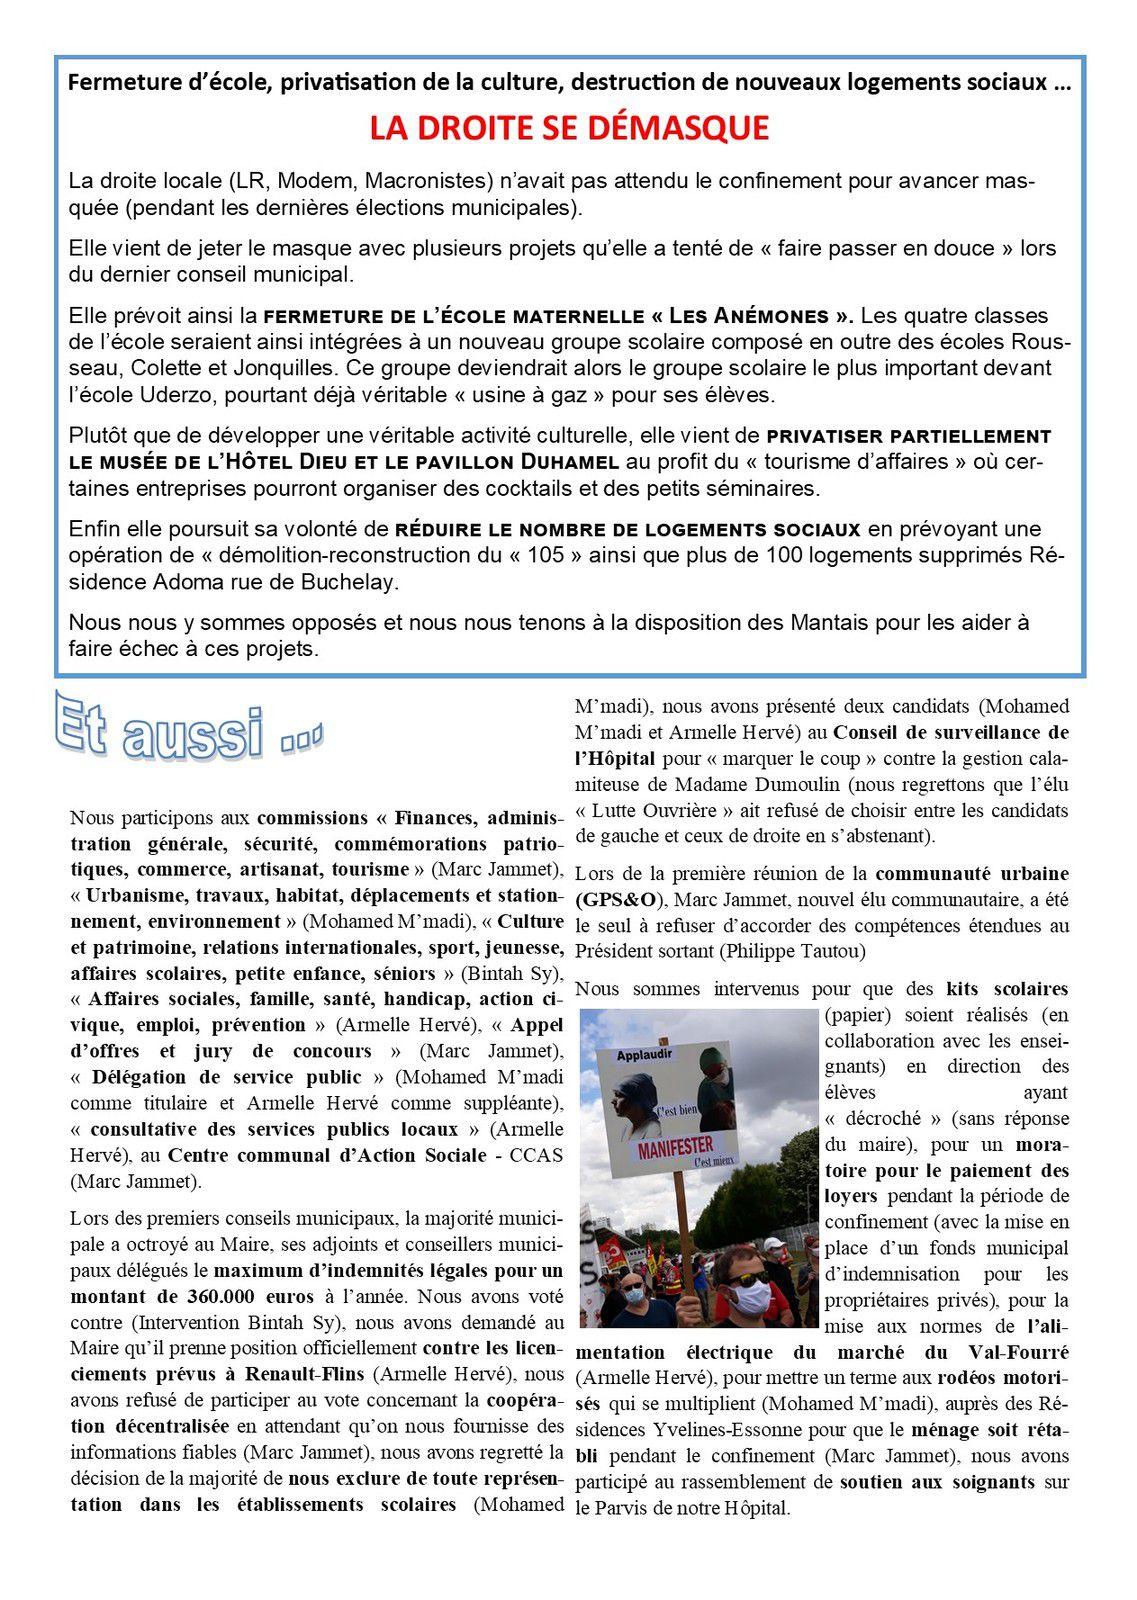 VIVRE MIEUX A MANTES-LA-JOLIE. Notre lettre d'informations municipales